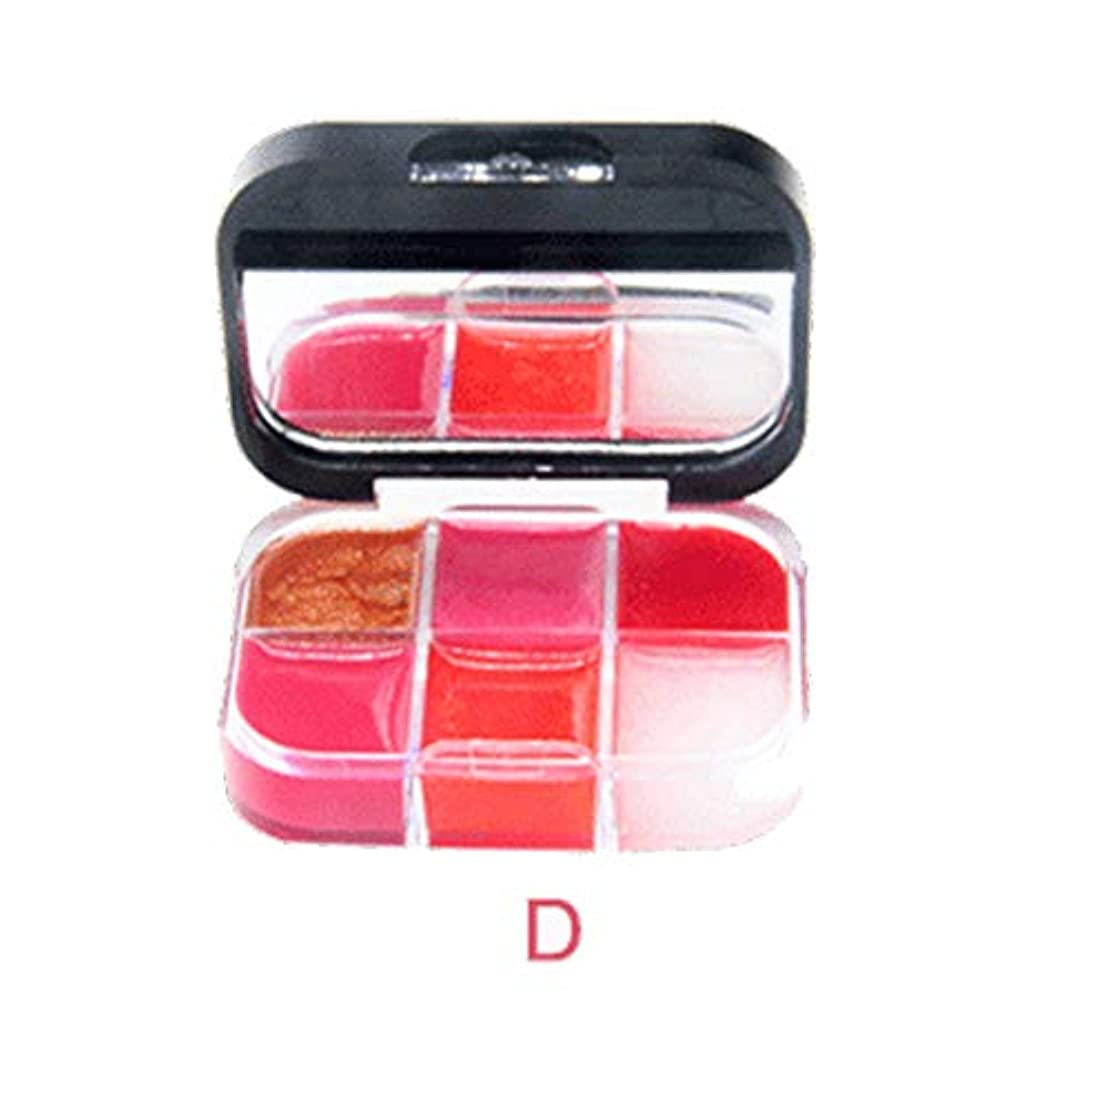 優先権第三レジデンス美は口紅の保湿剤の唇の光沢の化粧品セットを構成します